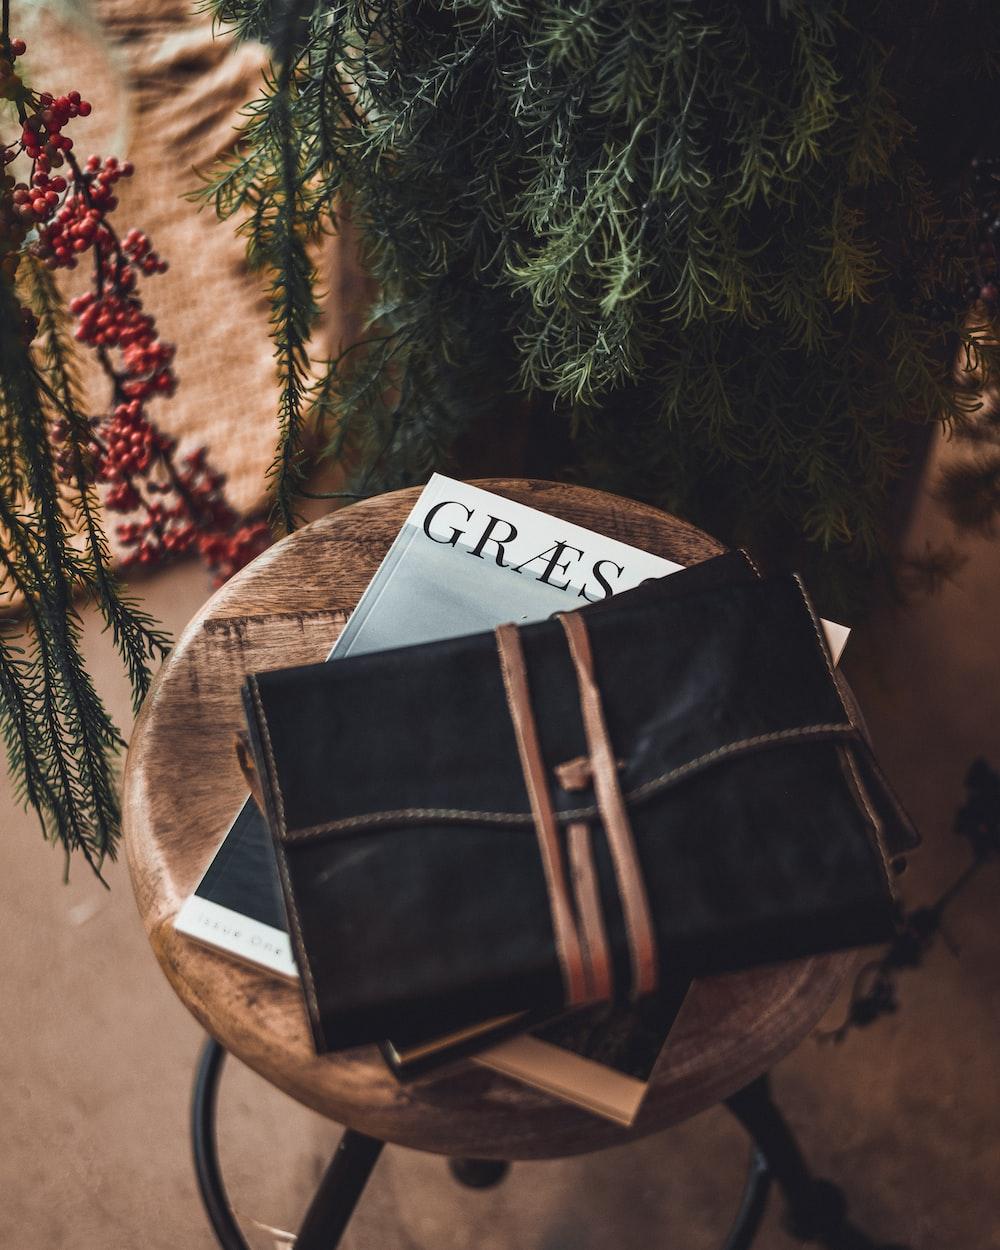 black leather bag on stool